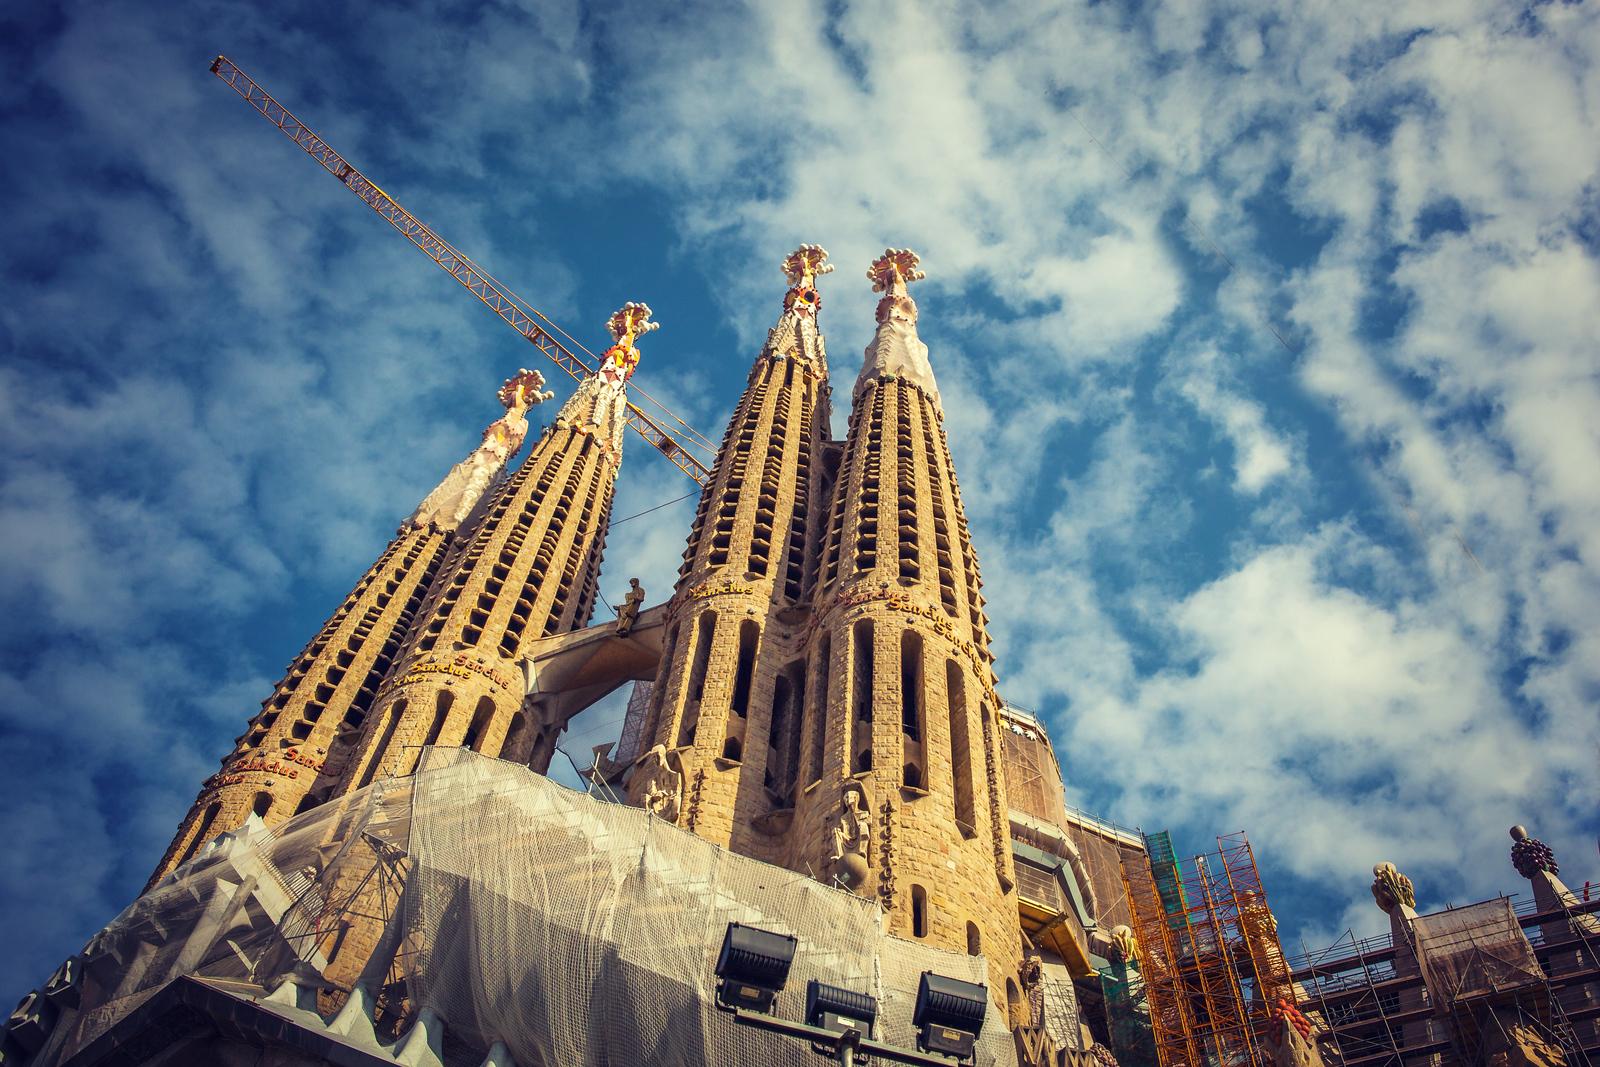 西班牙圣家堂(Sagrada Família),百年还未完工的世界遗产